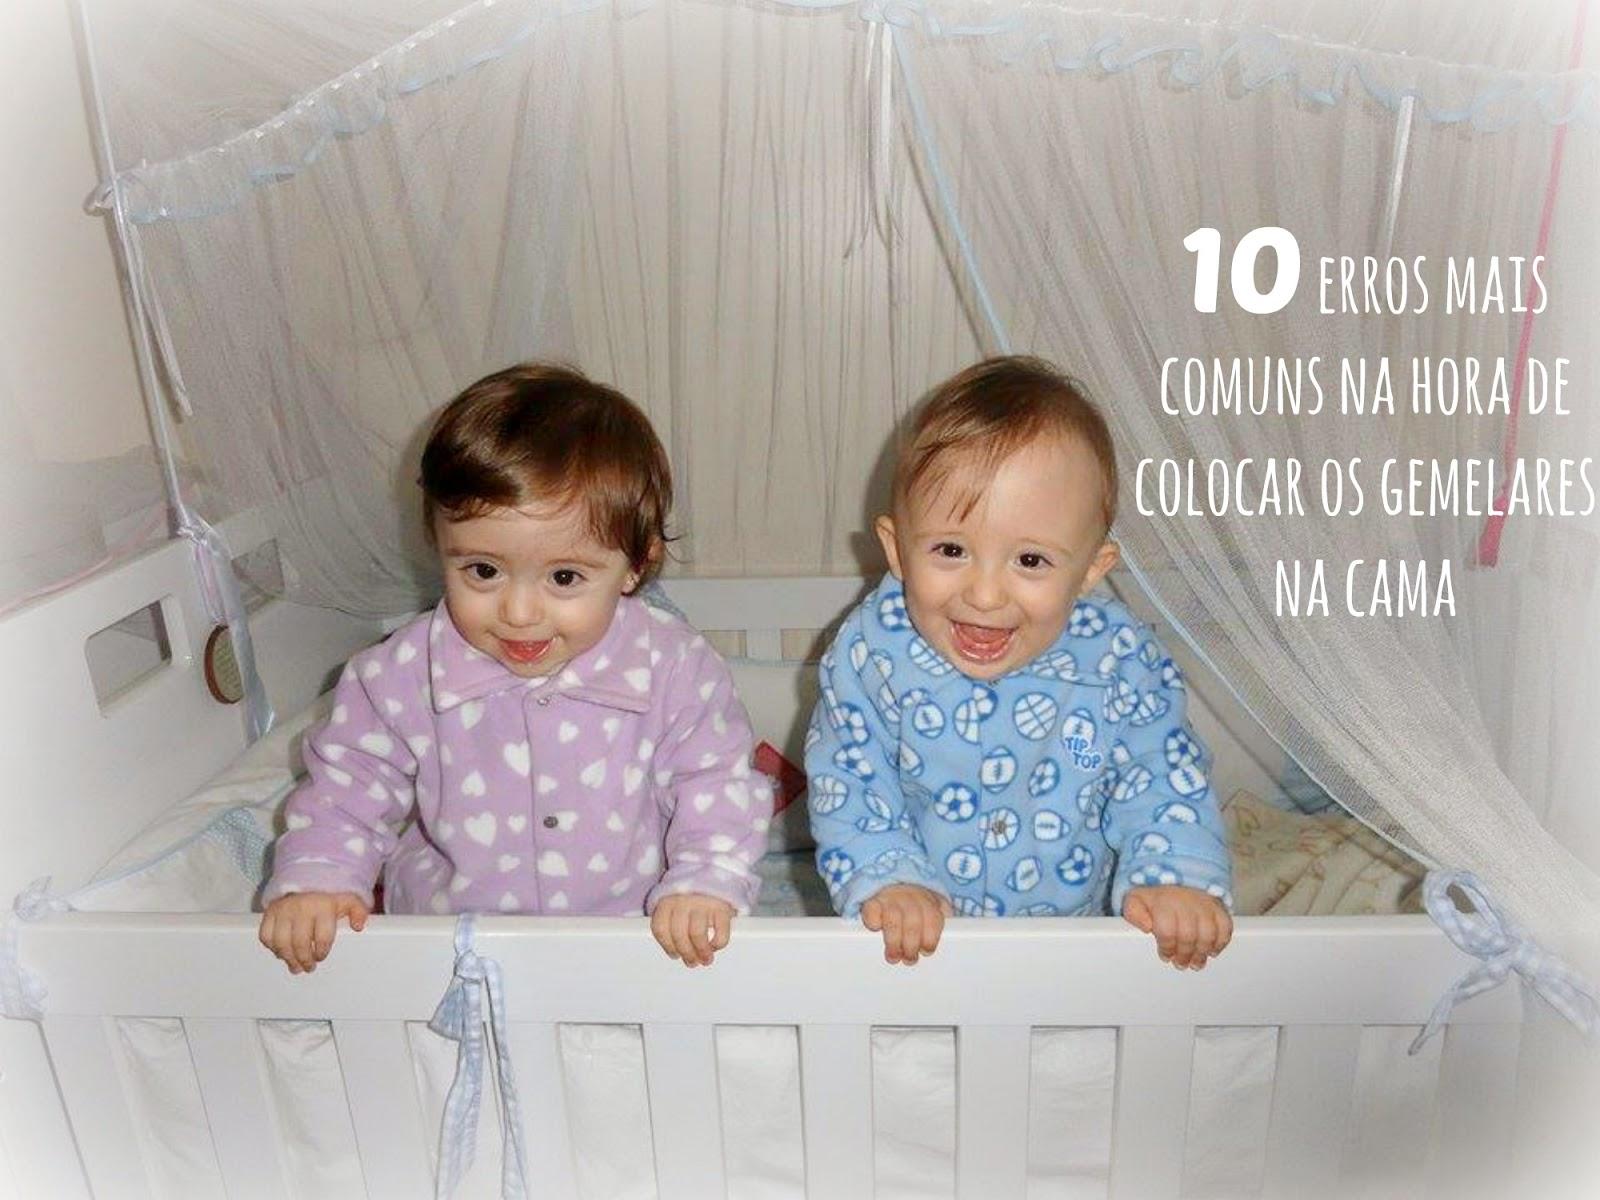 10 Erros mais comuns na hora de colocar os gemelares na cama